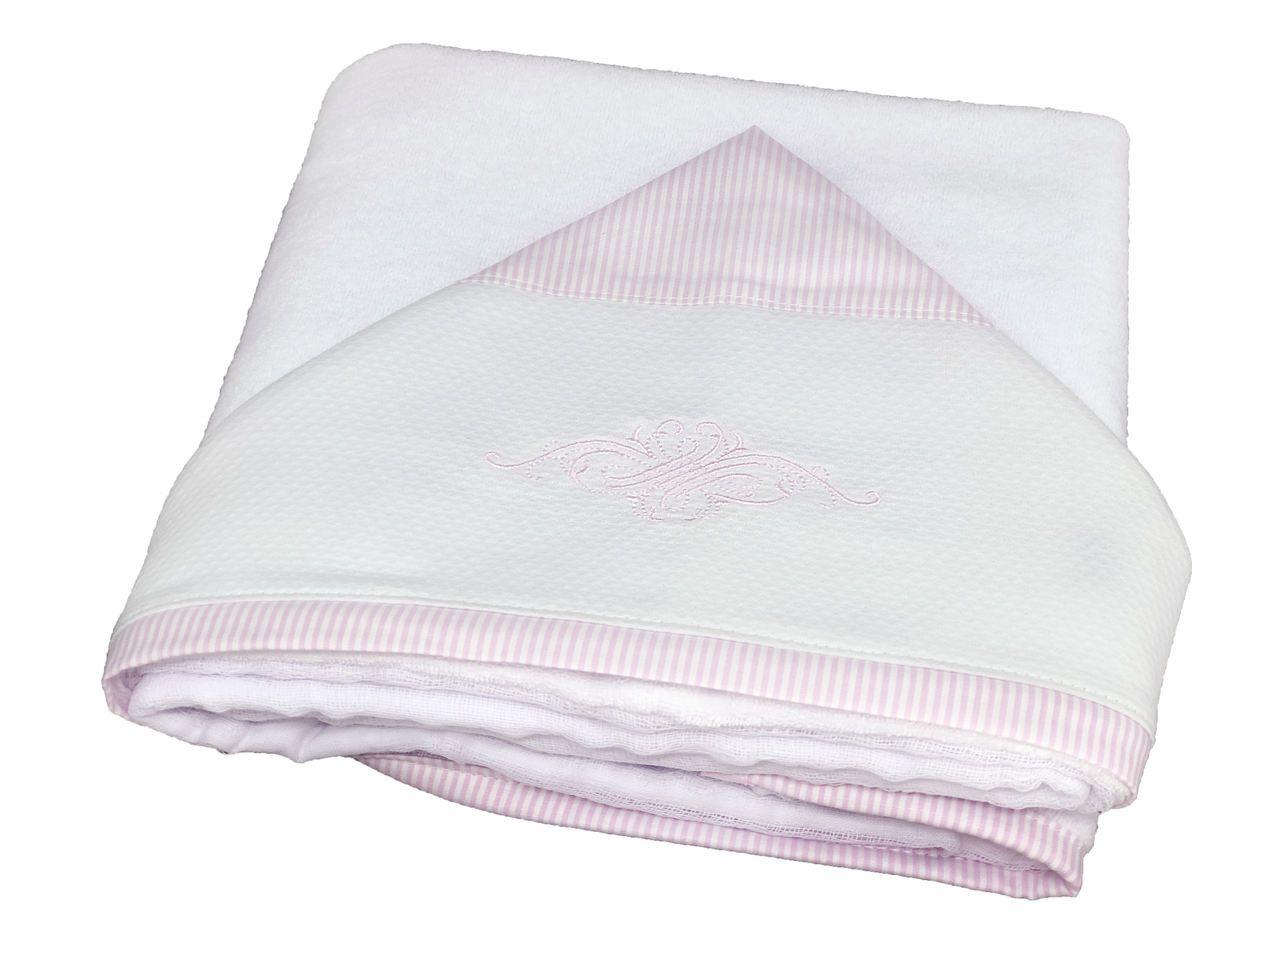 Toalha de Banho Capuz Listradinho Rosa